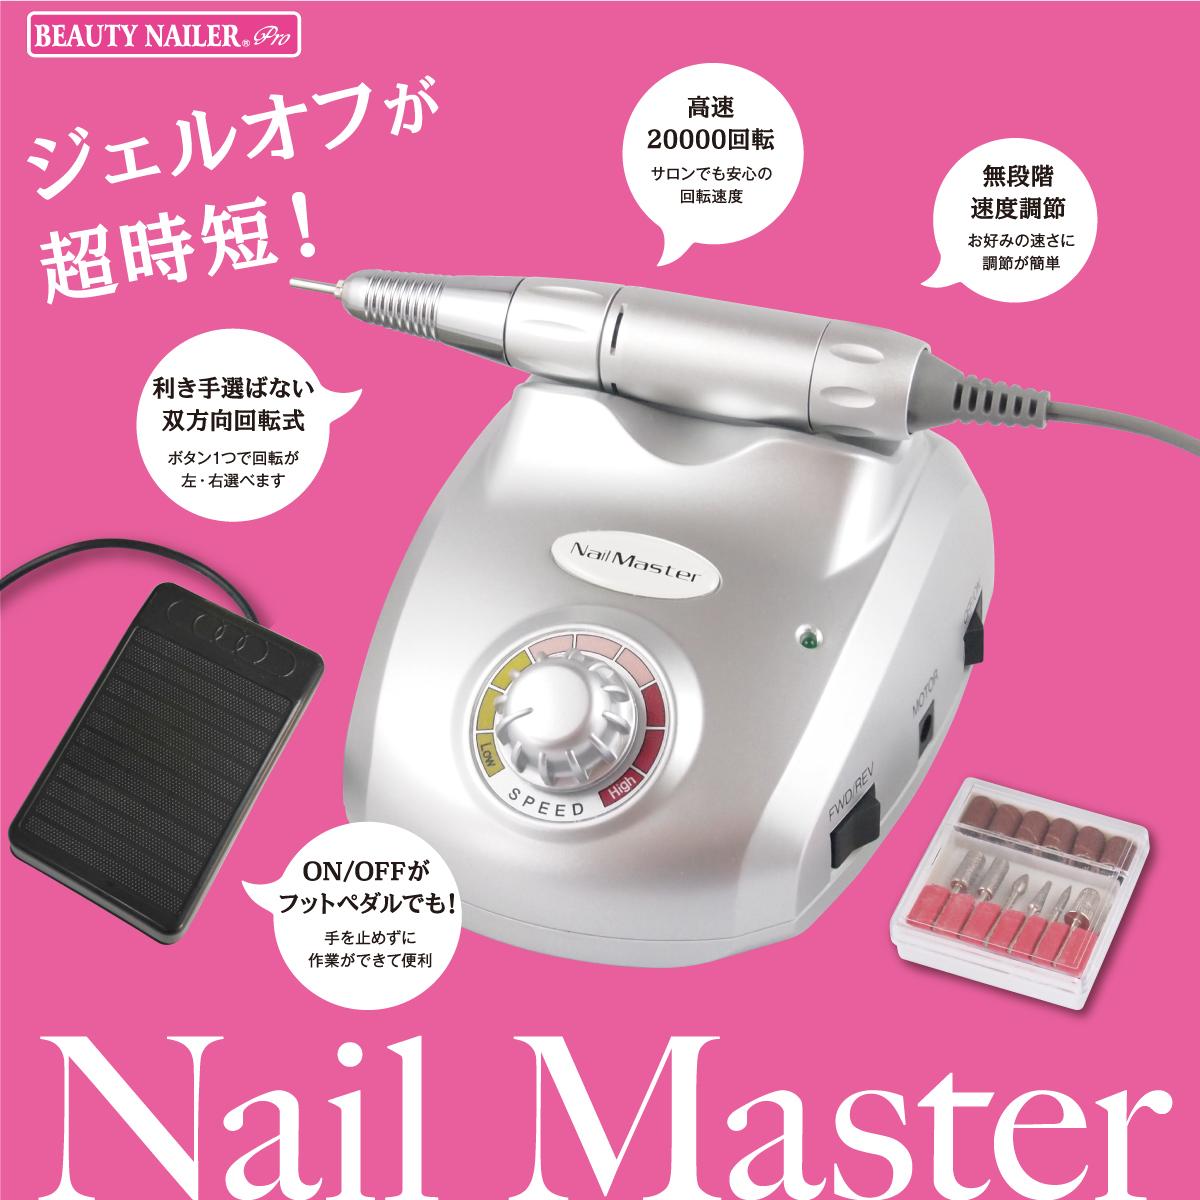 ネイルマスター(DRILL-1)画像